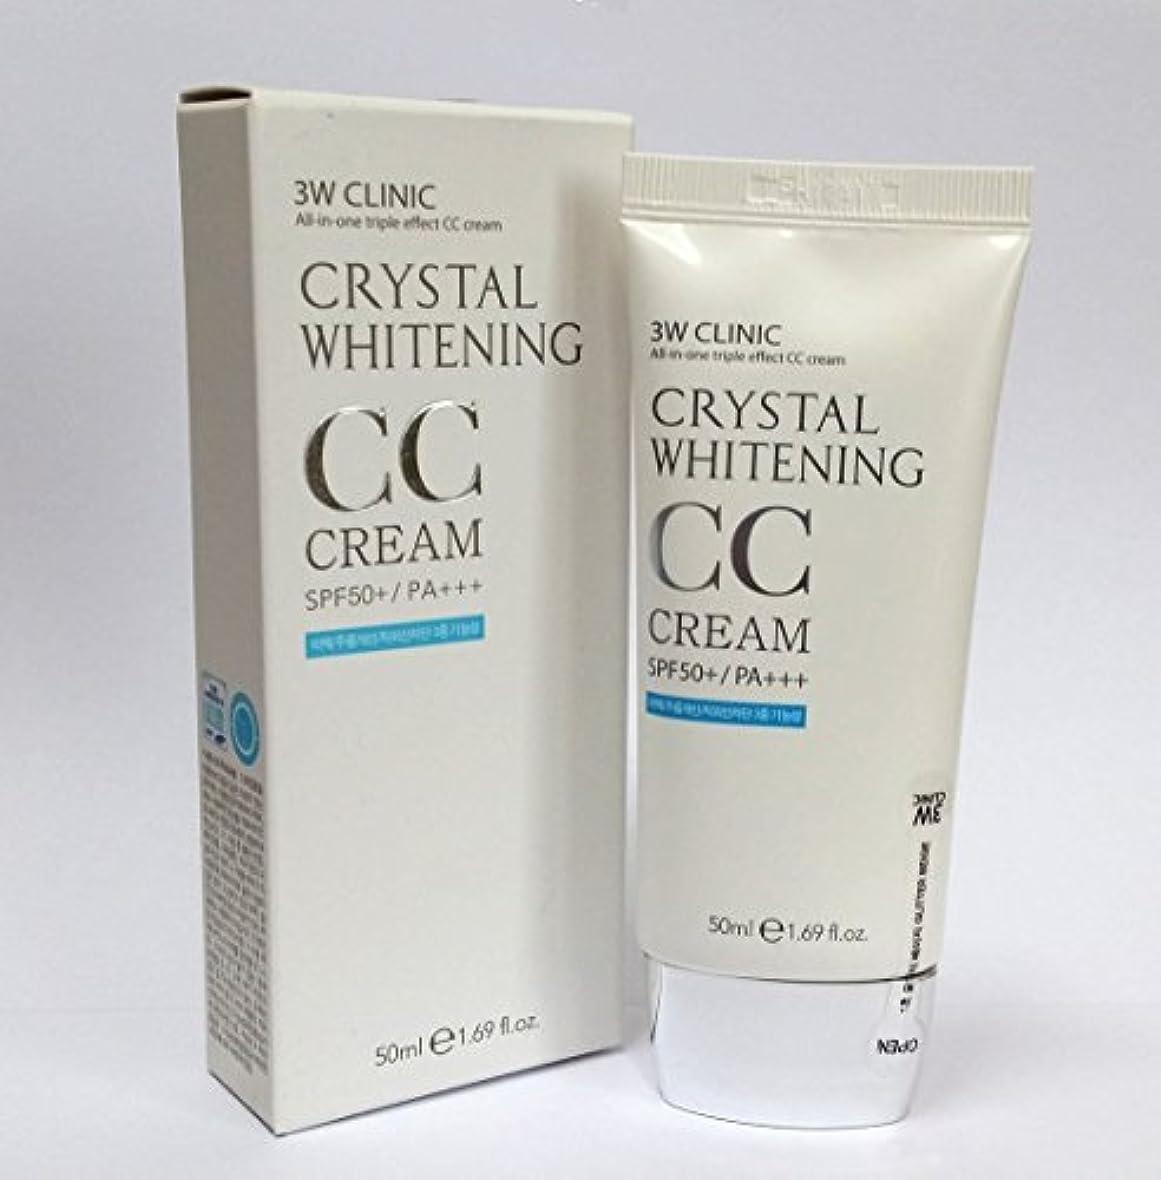 コンデンサー効果再集計[3W CLINIC] クリスタルホワイトニングCCクリーム50ml SPF50 PA +++ / #02 Natural Beige / Crystal Whitening CC Cream 50ml SPF50 PA...